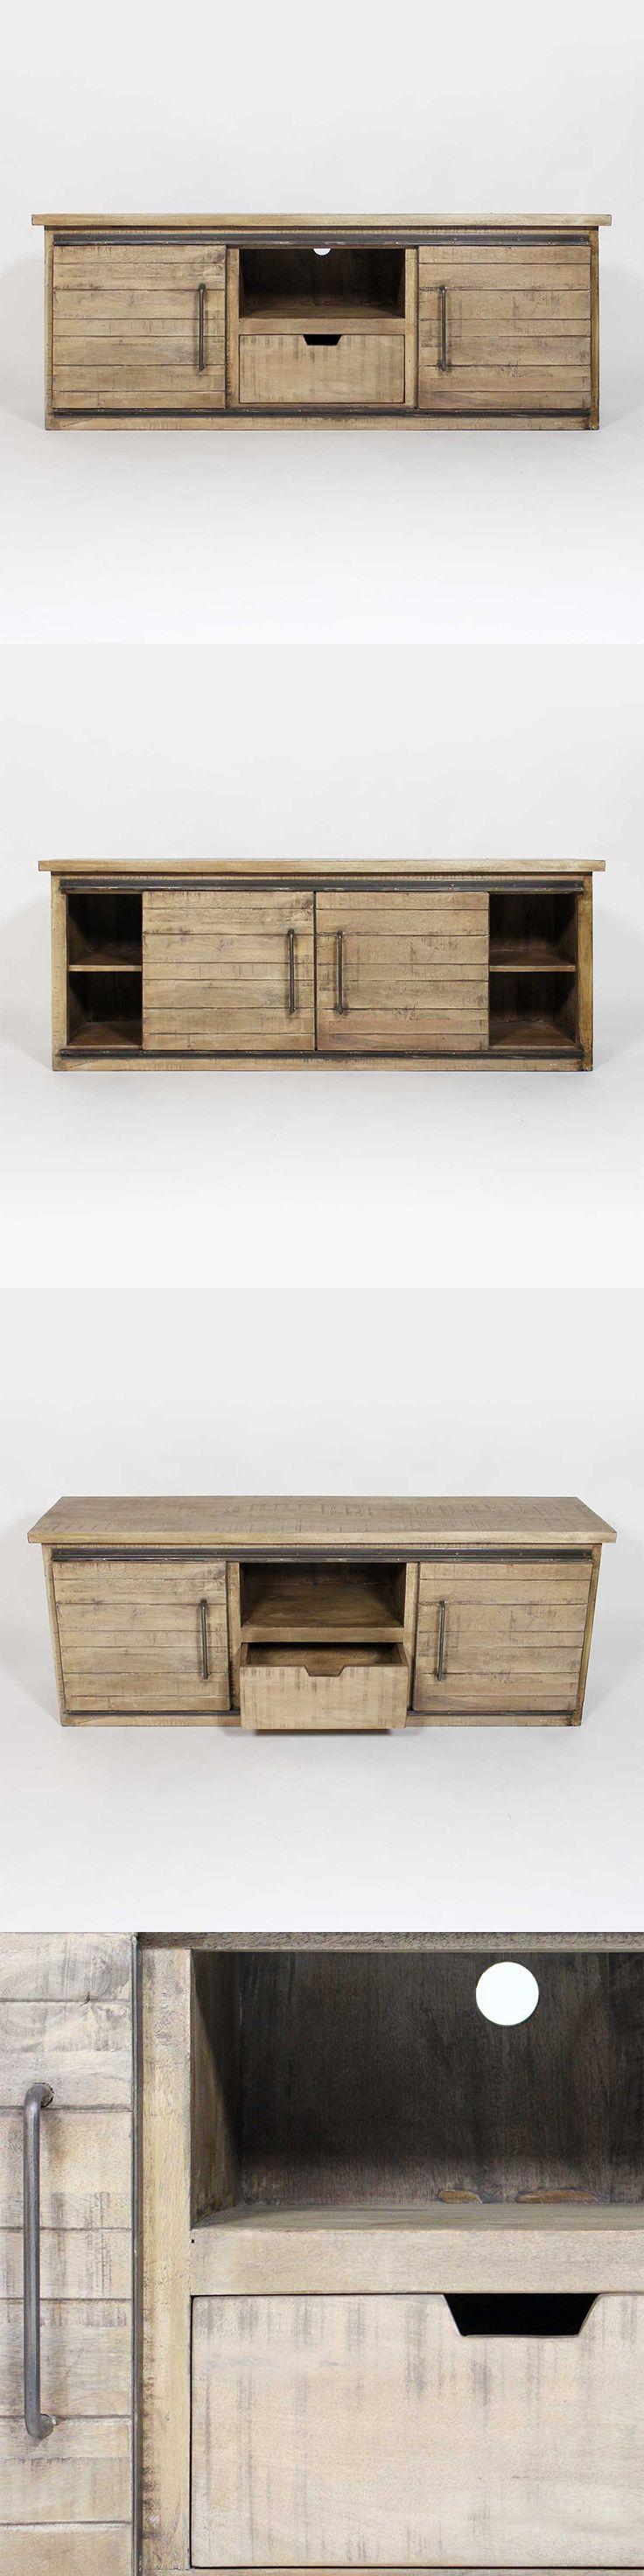 Meuble tv style #industriel en bois clair.